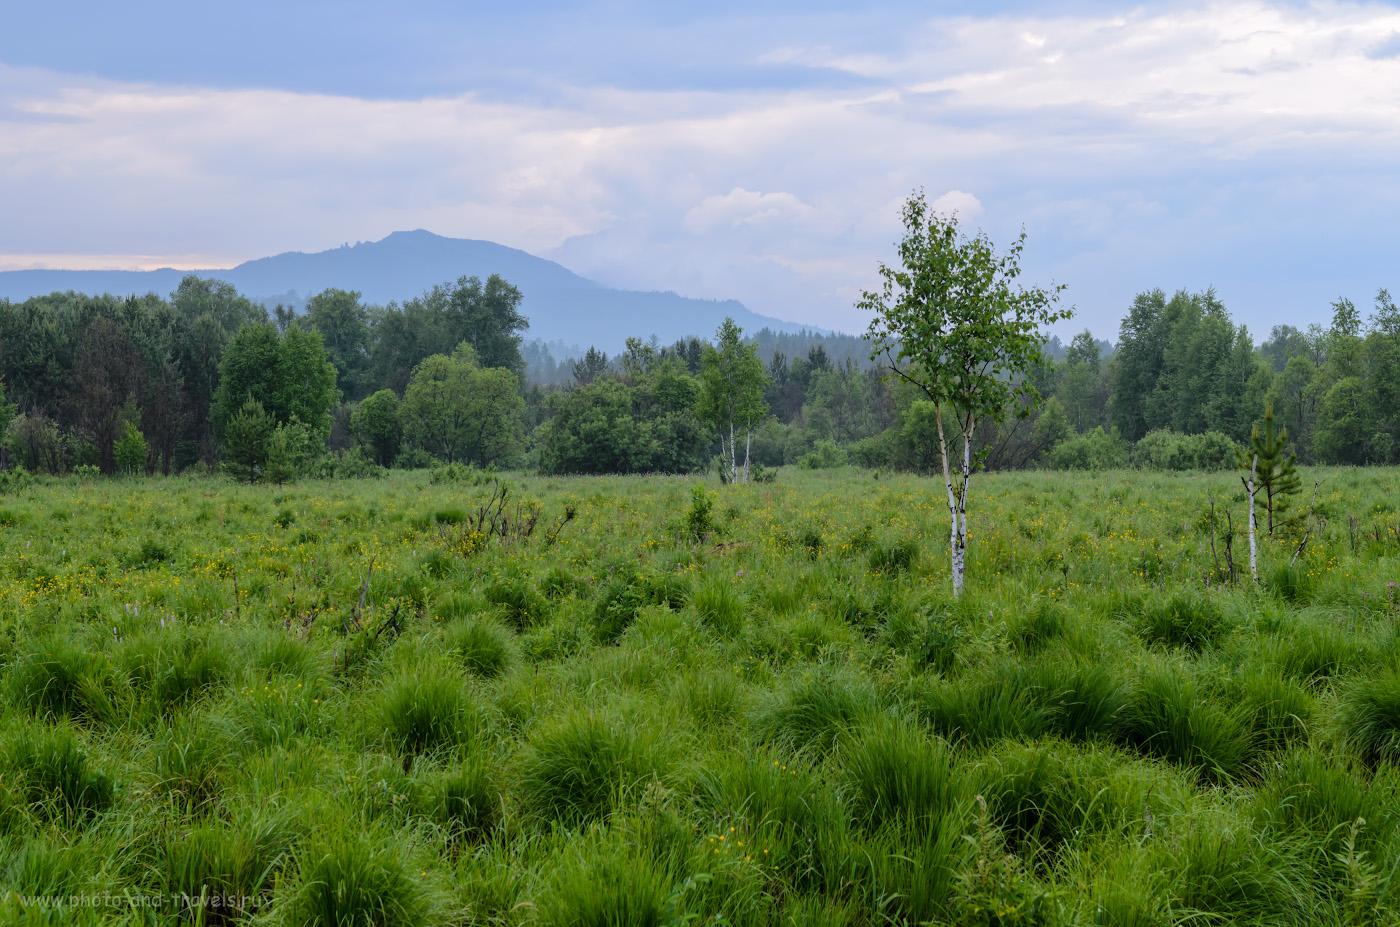 """Фото 12. Тот же ландшафт с видом на гору Ялангас из """"Малиновки"""", но снятый на объектив Nikon 17-55mm f/2.8 при ФР=55 миллиметров. Камера Nikon D5100. Настройки: 1/25, 9.0, 100, -1.0, 40."""